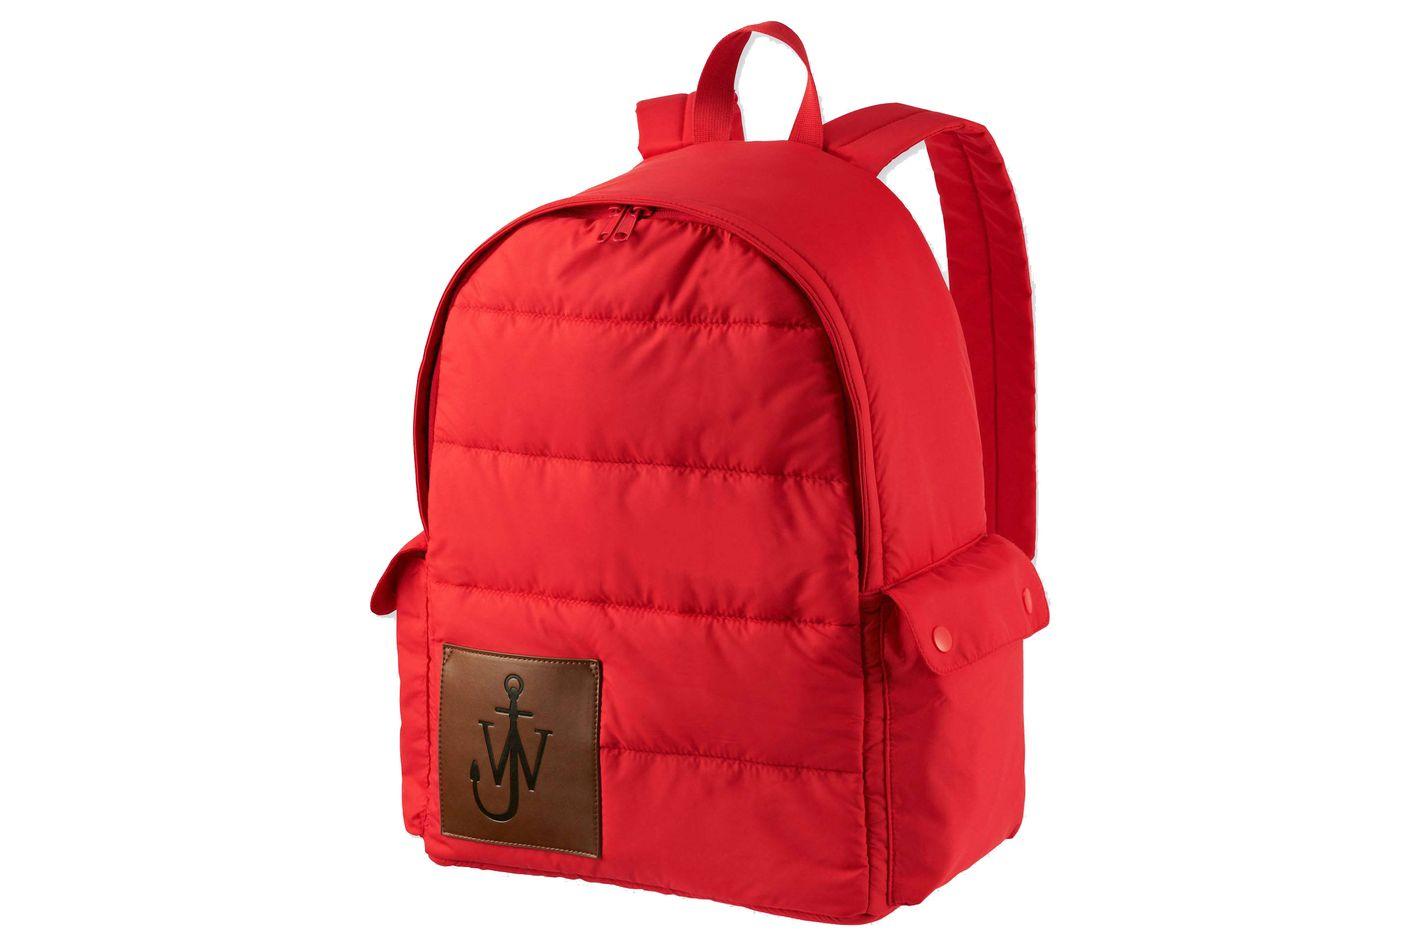 JWA Padded Backpack